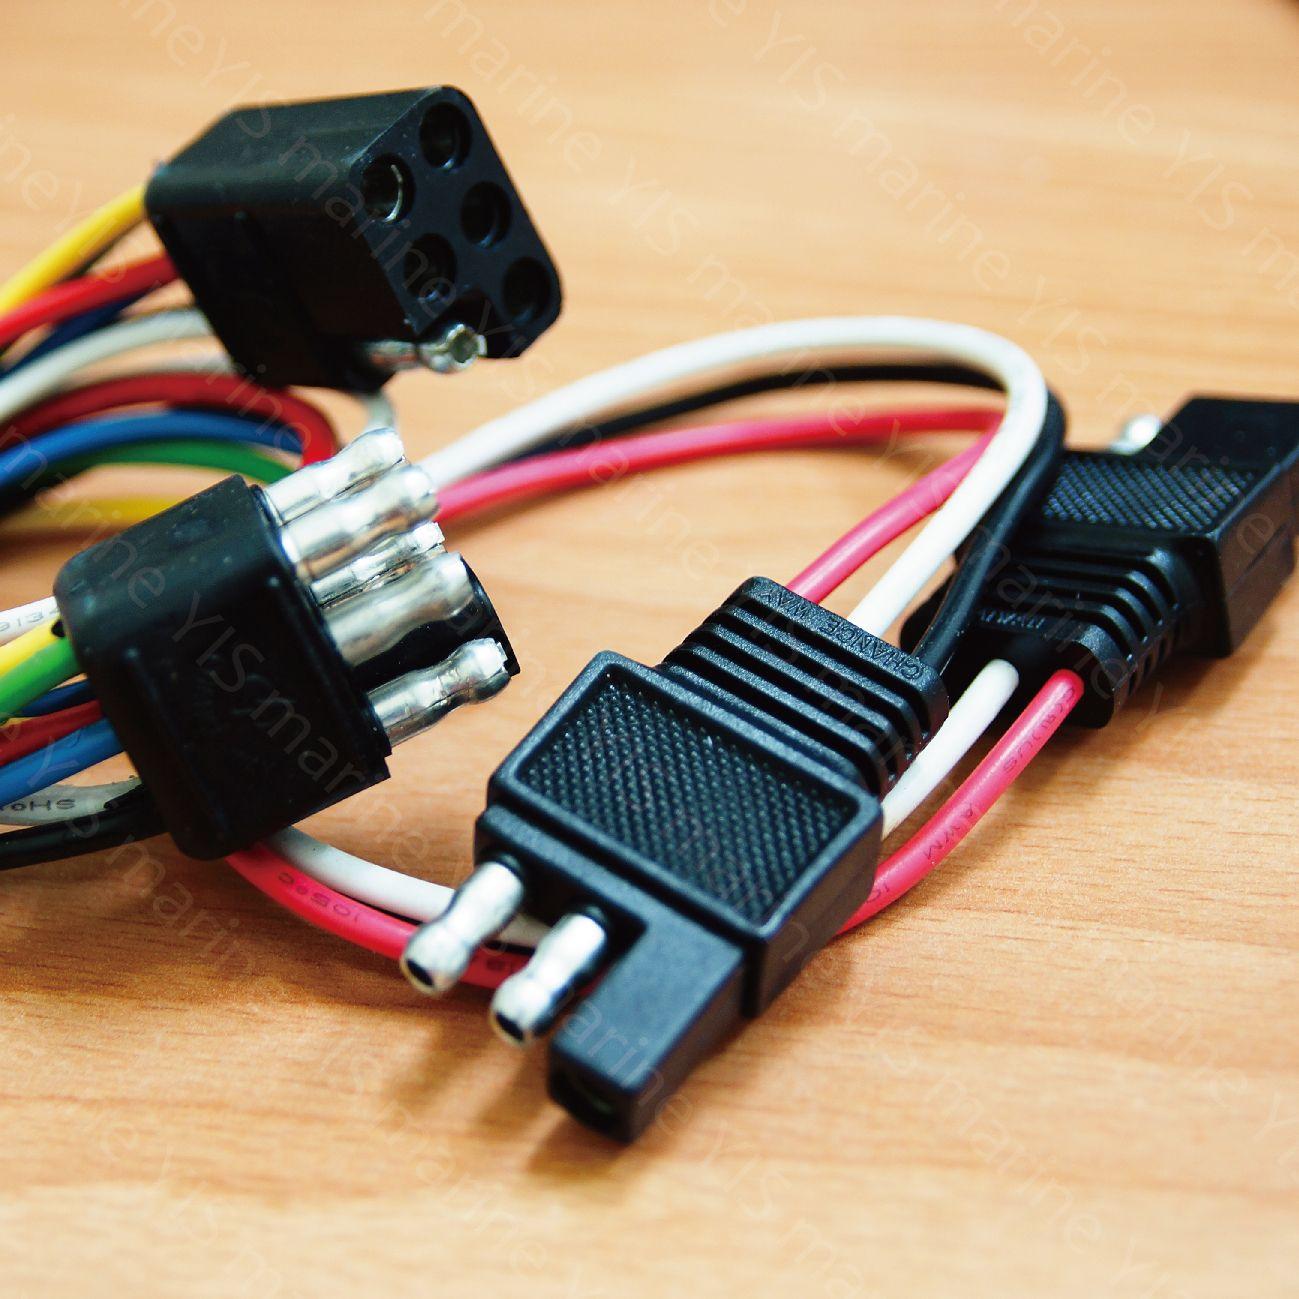 Η YIS κατασκευάζει ηλεκτρικά εξαρτήματα όχι μόνο για σκάφη, αλλά και για αυτοκίνητα, φορτηγά ή τροχόσπιτα.  Αυτή η σειρά περιλαμβάνει προβολείς χειρός, καλώδια τροφοδοσίας και κλιπ μπαταρίας.